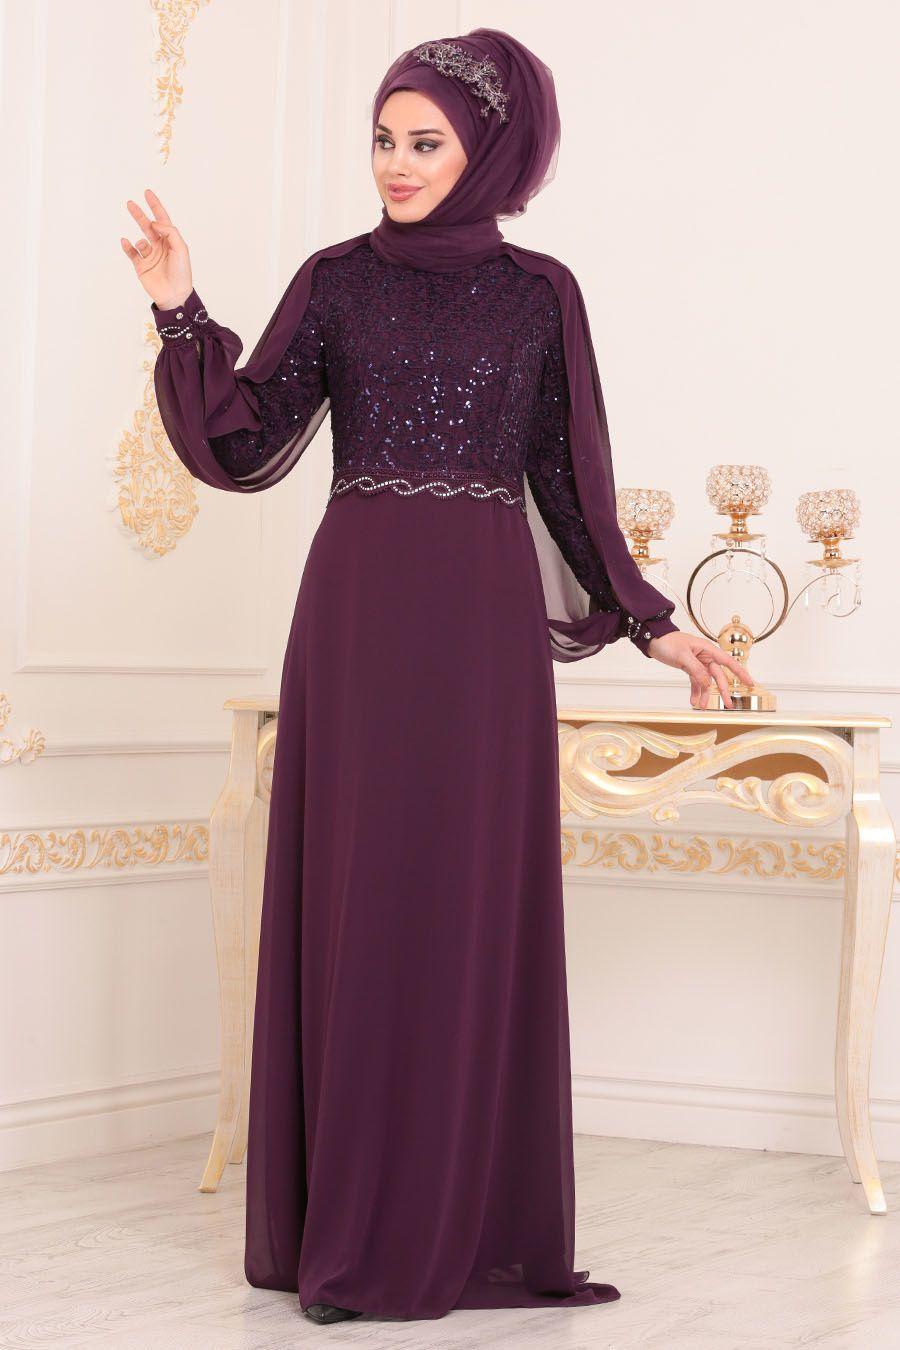 76c16650f5c33 Nayla Collection - Pul Detaylı Mor Tesettür Abiye Elbise 25736MOR ...